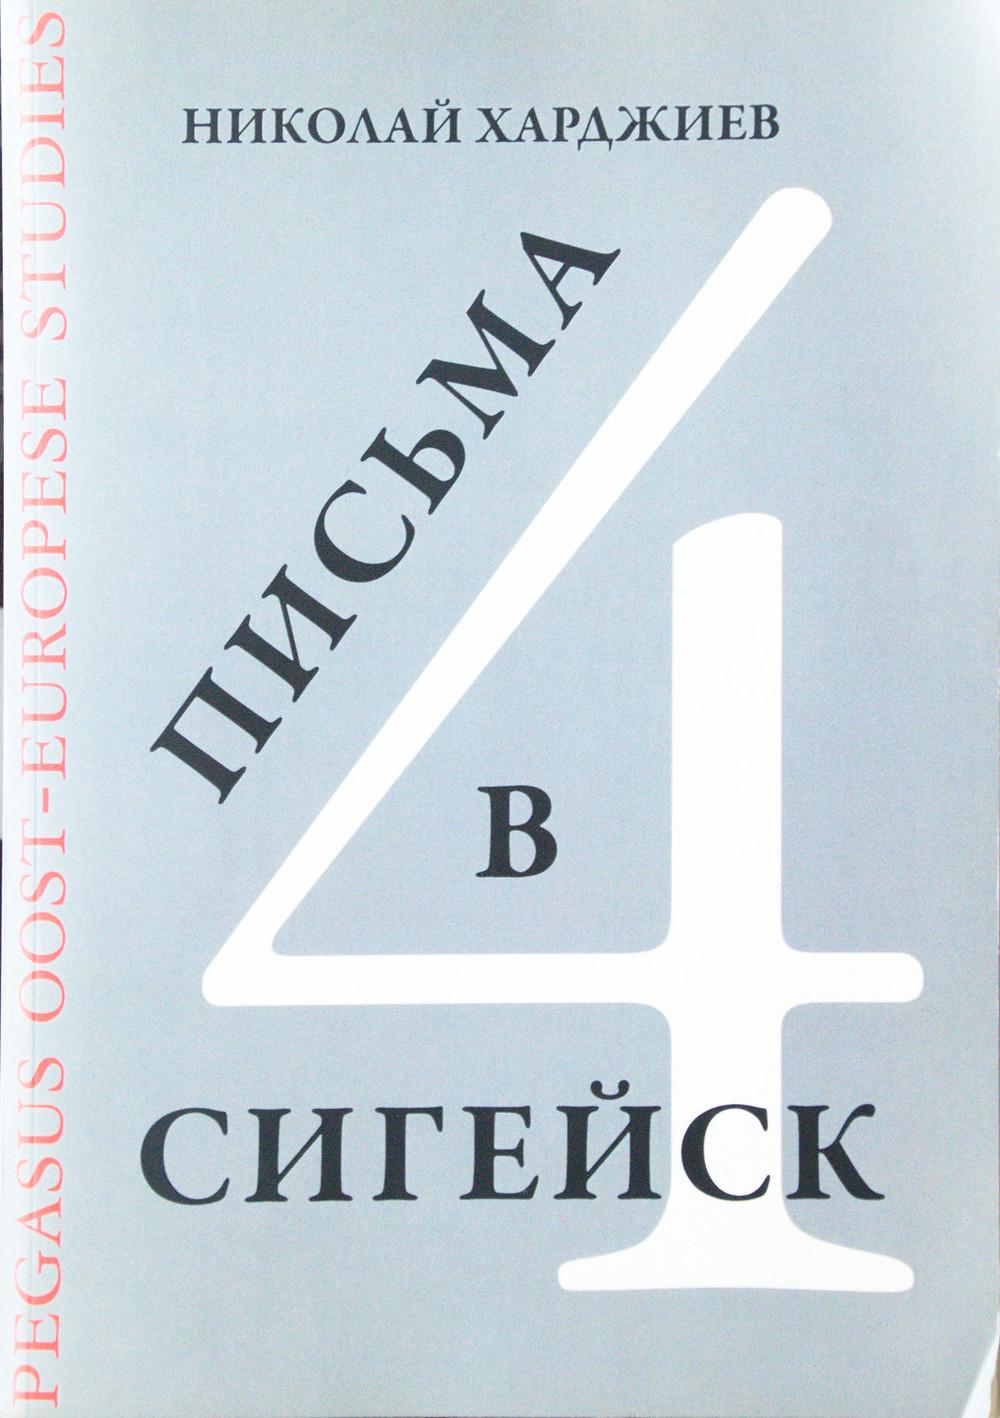 Письма В Сигейск , by Nikolaj Khardzhiev